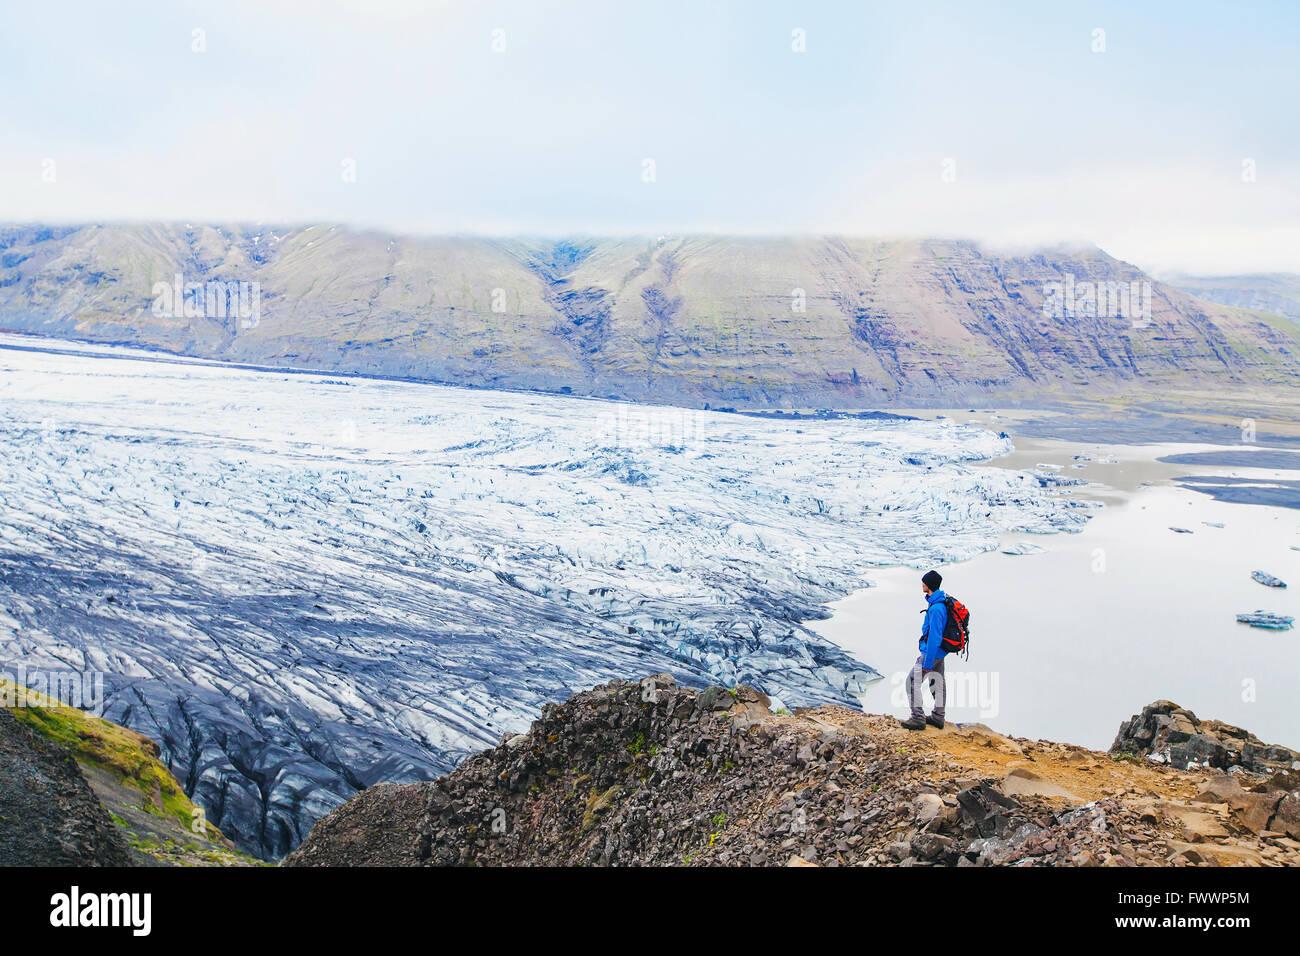 Reisende genießen Panoramablick über Gletscher in Island Stockbild